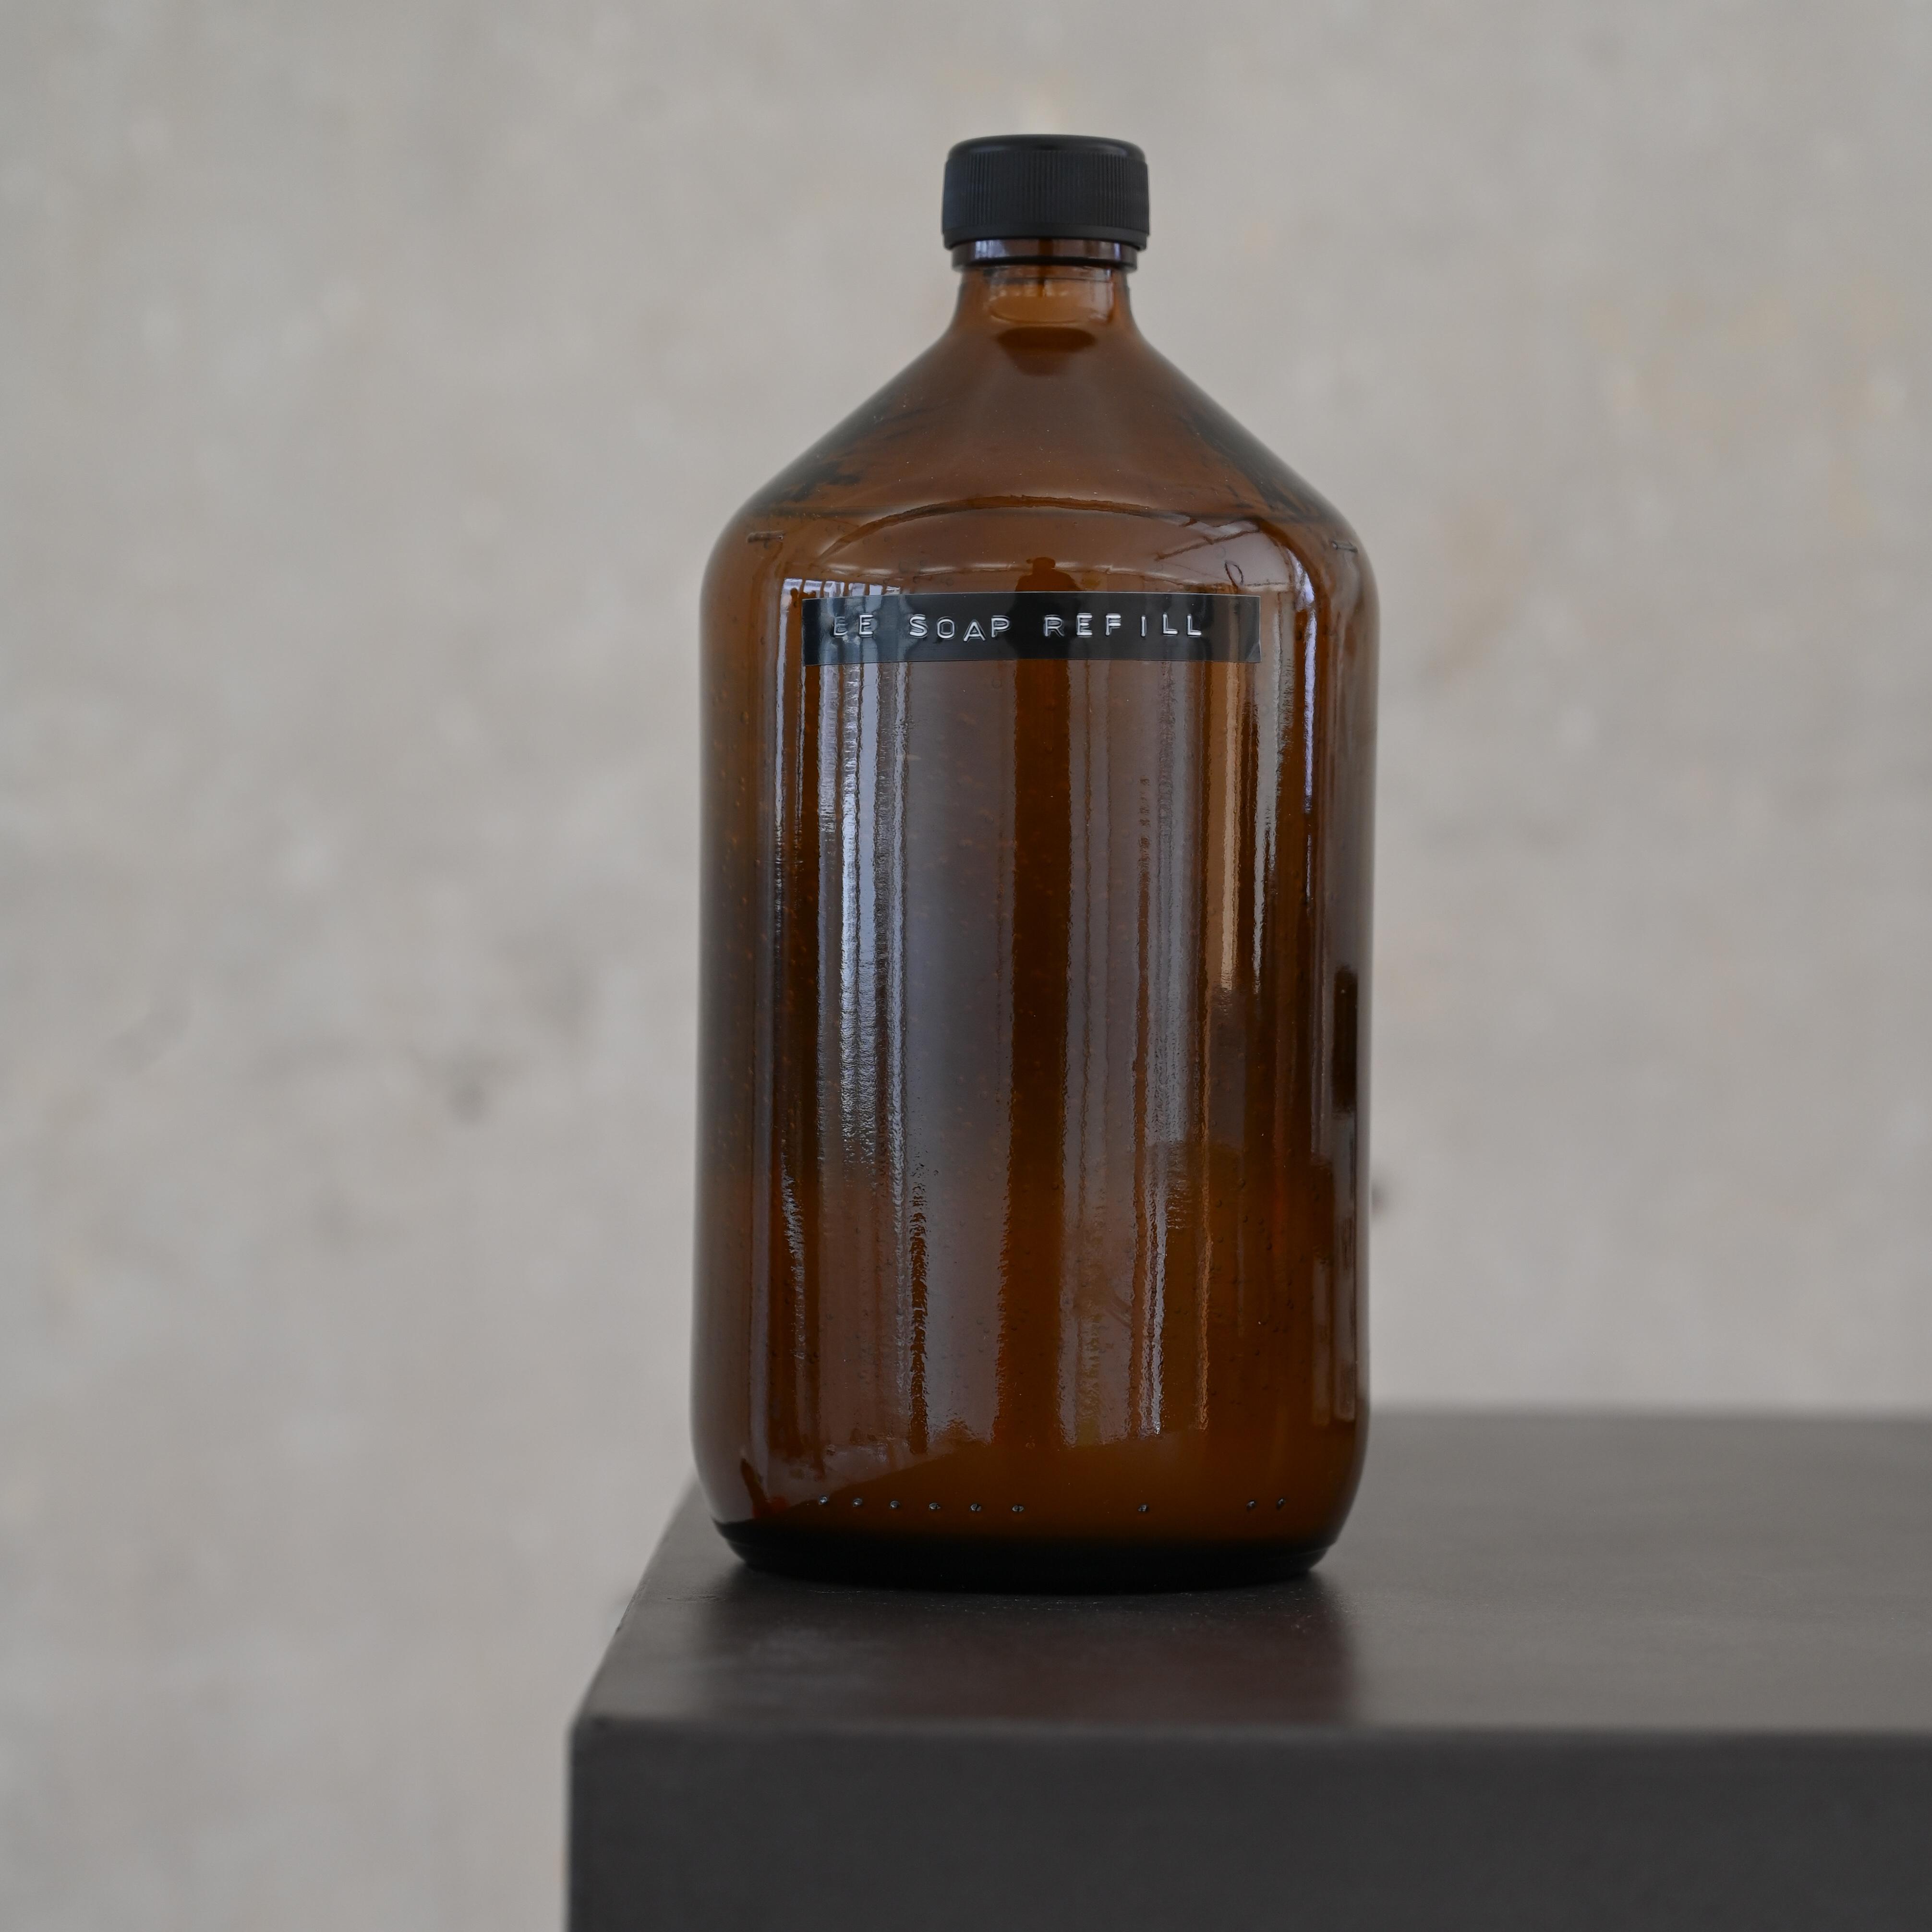 1 Liter Refill Hand und Körperseife - Wilde Malve von BE [...] MY FRIEND